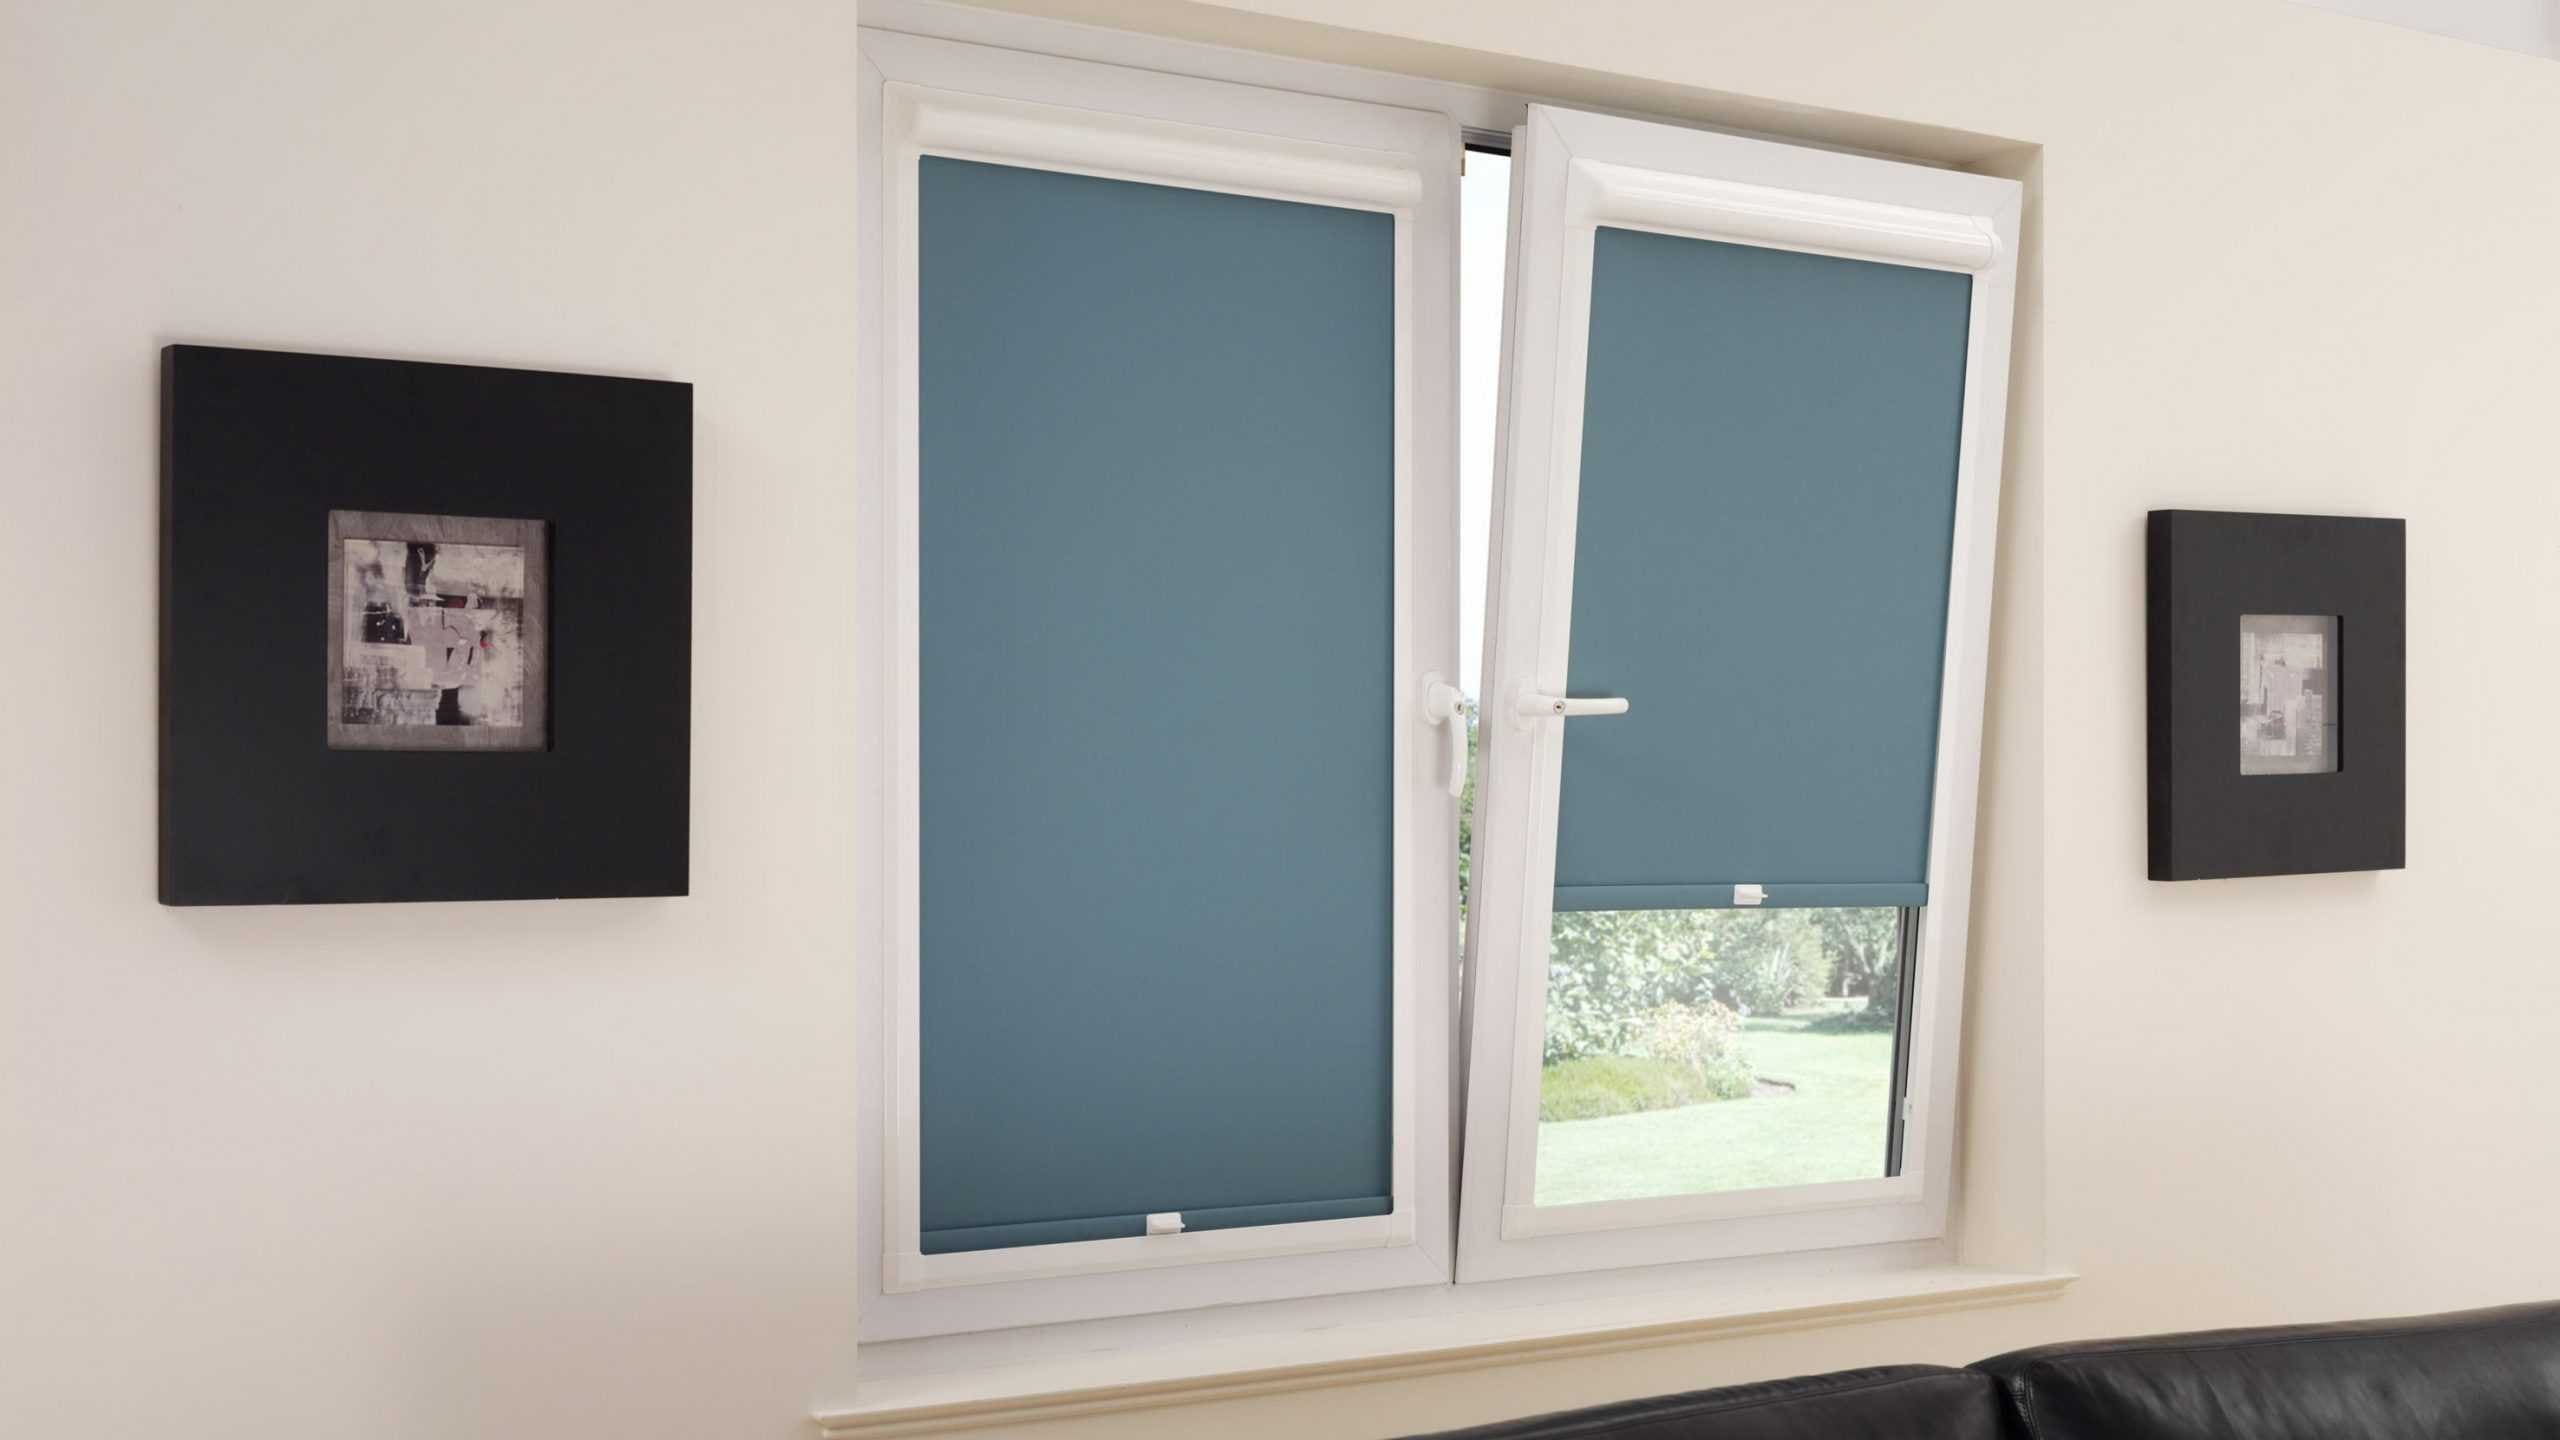 Рулонные шторы - плюсы и минусы установки, выбор материалов 097